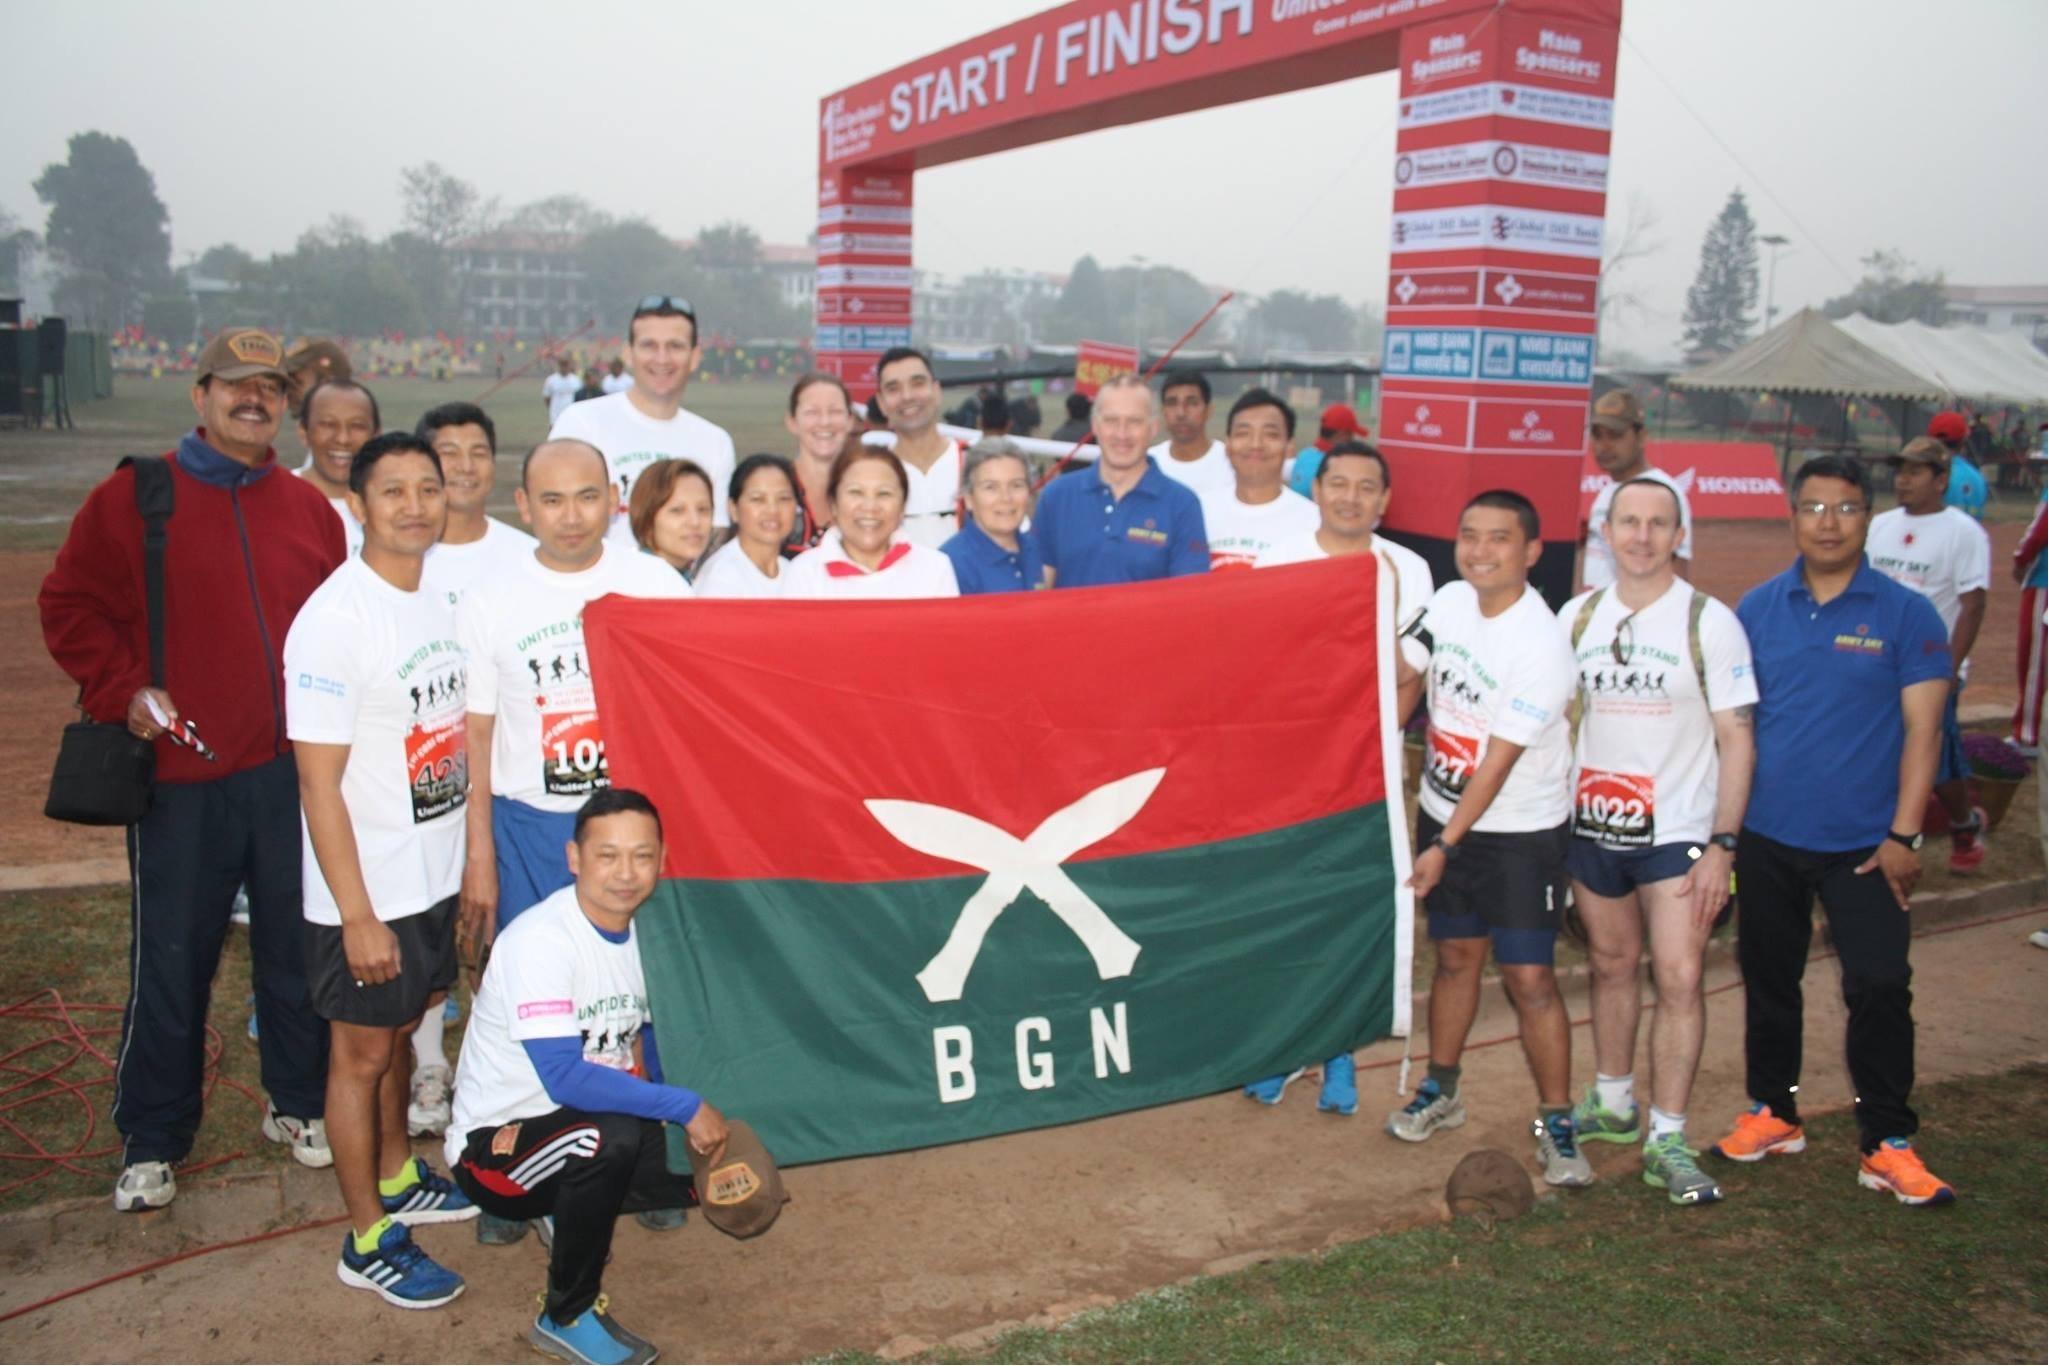 BGN staff in 1st COAS marathon